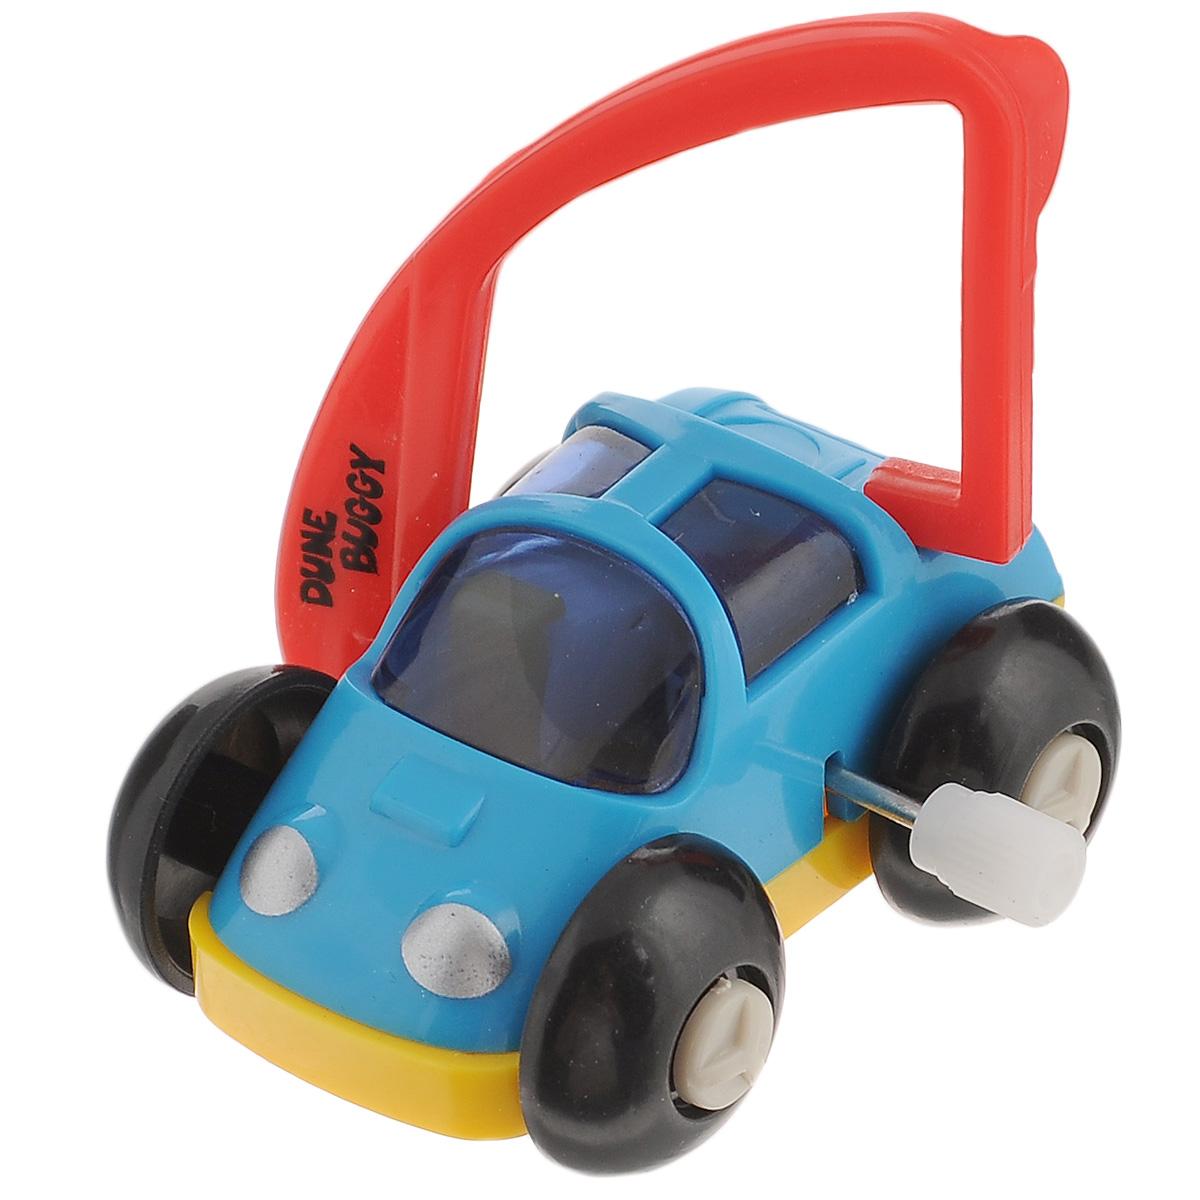 Игрушка заводная Багги, цвет: голубой, красный2K-62BDИгрушка Hans Багги привлечет внимание вашего малыша и не позволит ему скучать! Выполненная из безопасного пластика, игрушка представляет собой забавную машинку. Игрушка имеет механический завод. Для запуска, придерживая колеса, поверните заводной ключ по часовой стрелке до упора. Установите игрушку на поверхность и она поедет вперед, так же во время движения машинка поднимается на задние колеса. Игра с заводными игрушками способствует приятному времяпрепровождению, стимулирует ребенка к активным действиям, научит устанавливать причинно-следственные связи. Мелкие детали и разнофактурные материалы благоприятствуют развитию тактильных ощущений и моторики пальчиков, а яркие цвета и забавные формы стимулируют зрение.